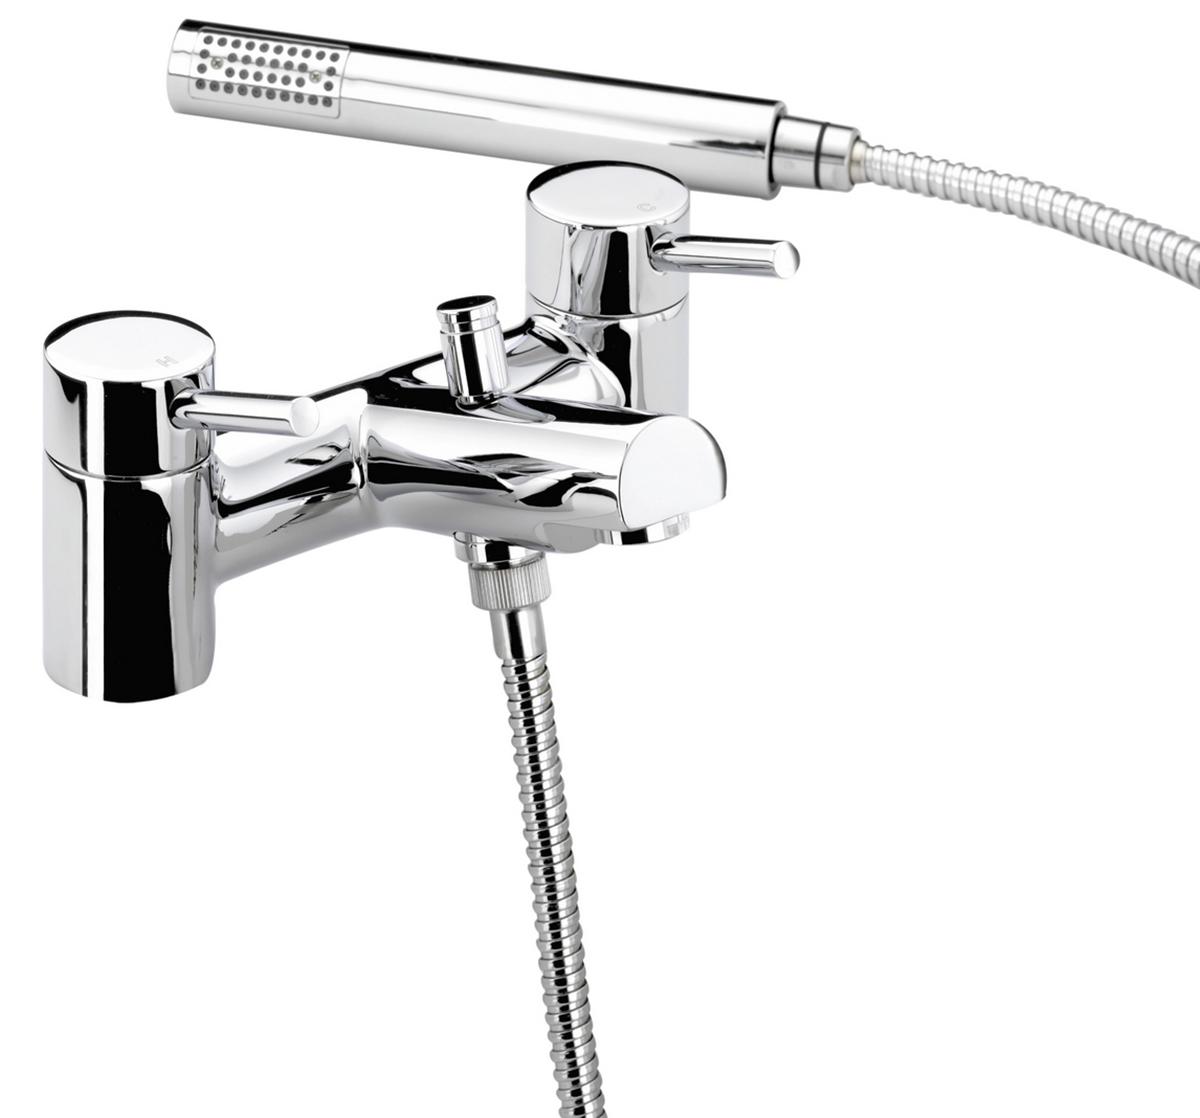 Bath Shower Mixer - 6 Litre Flow Limit